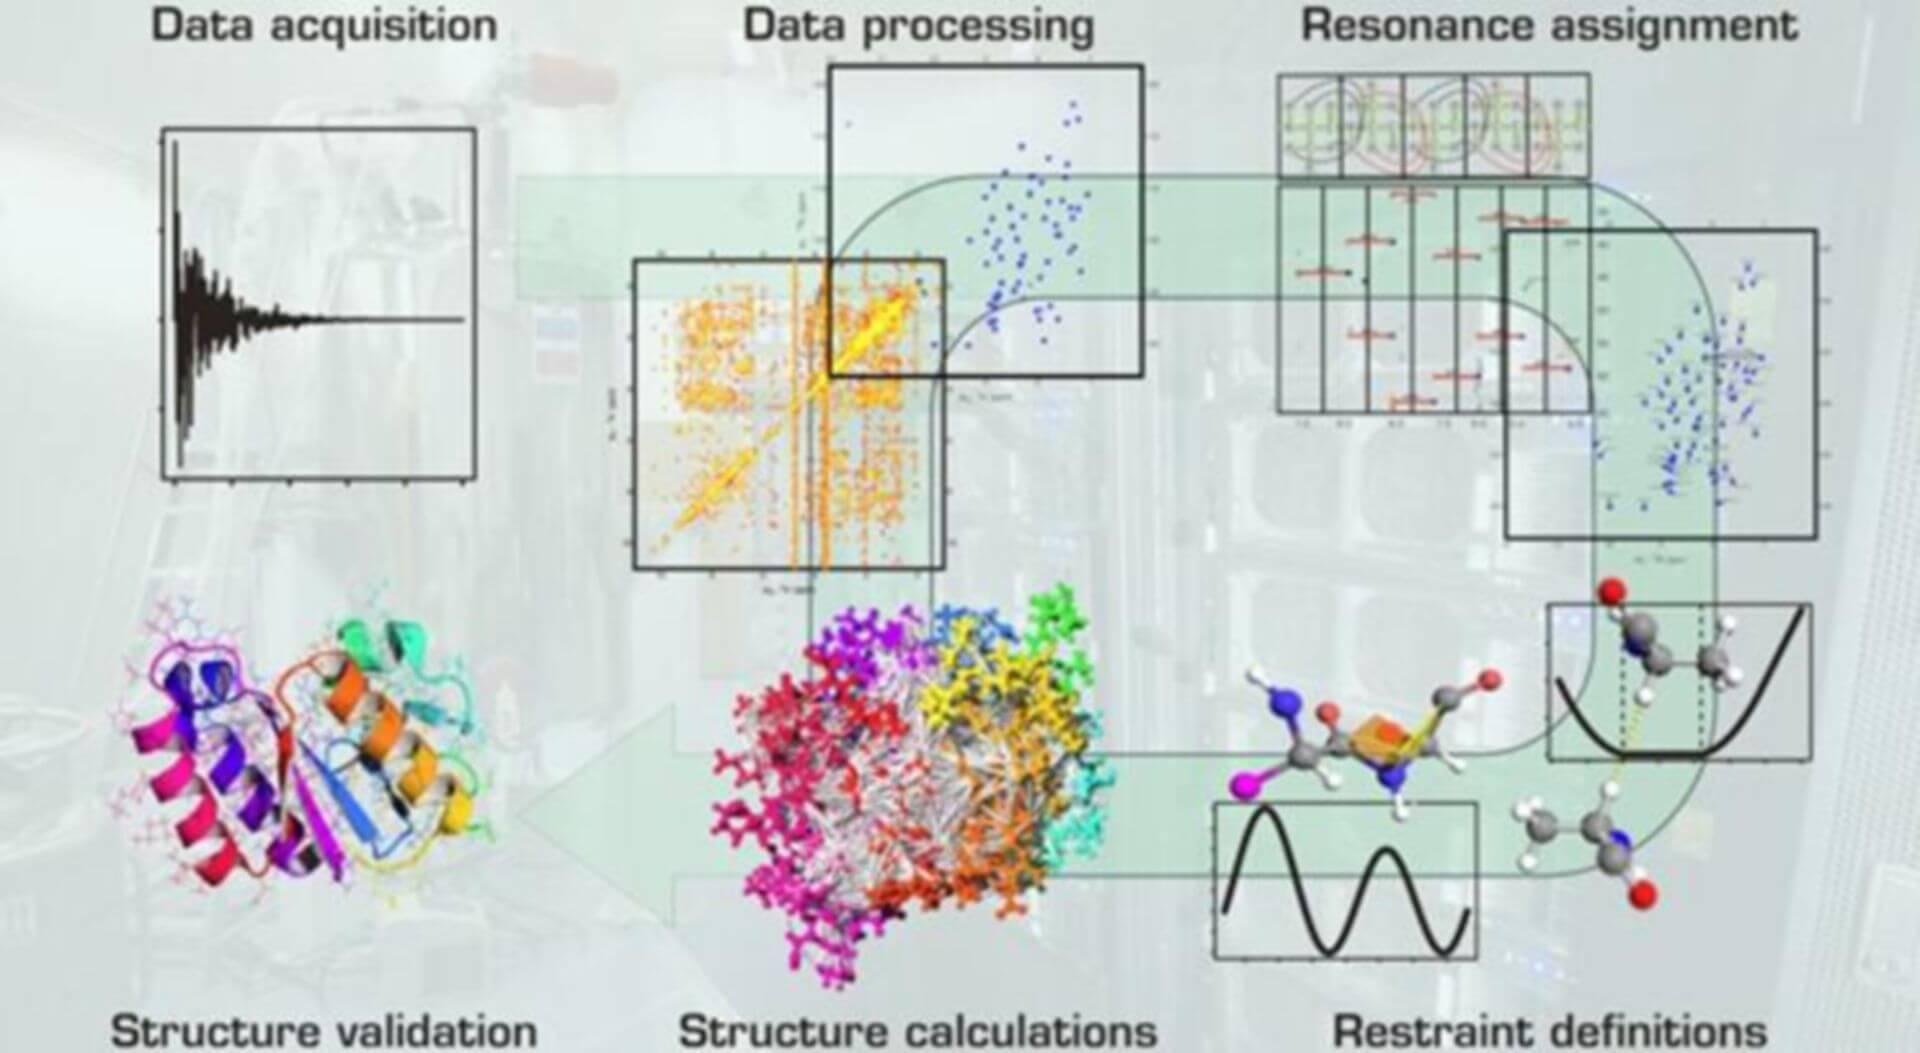 NMR data analysis